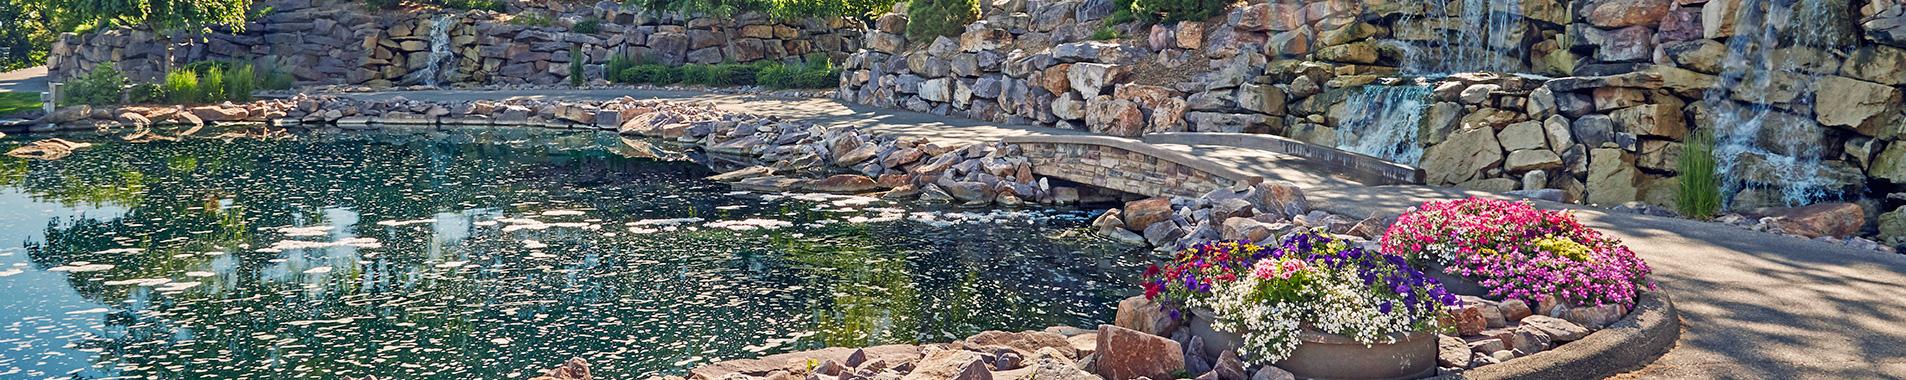 Landscaping rock crushed limestone rock boulders for Landscaping rock estimator